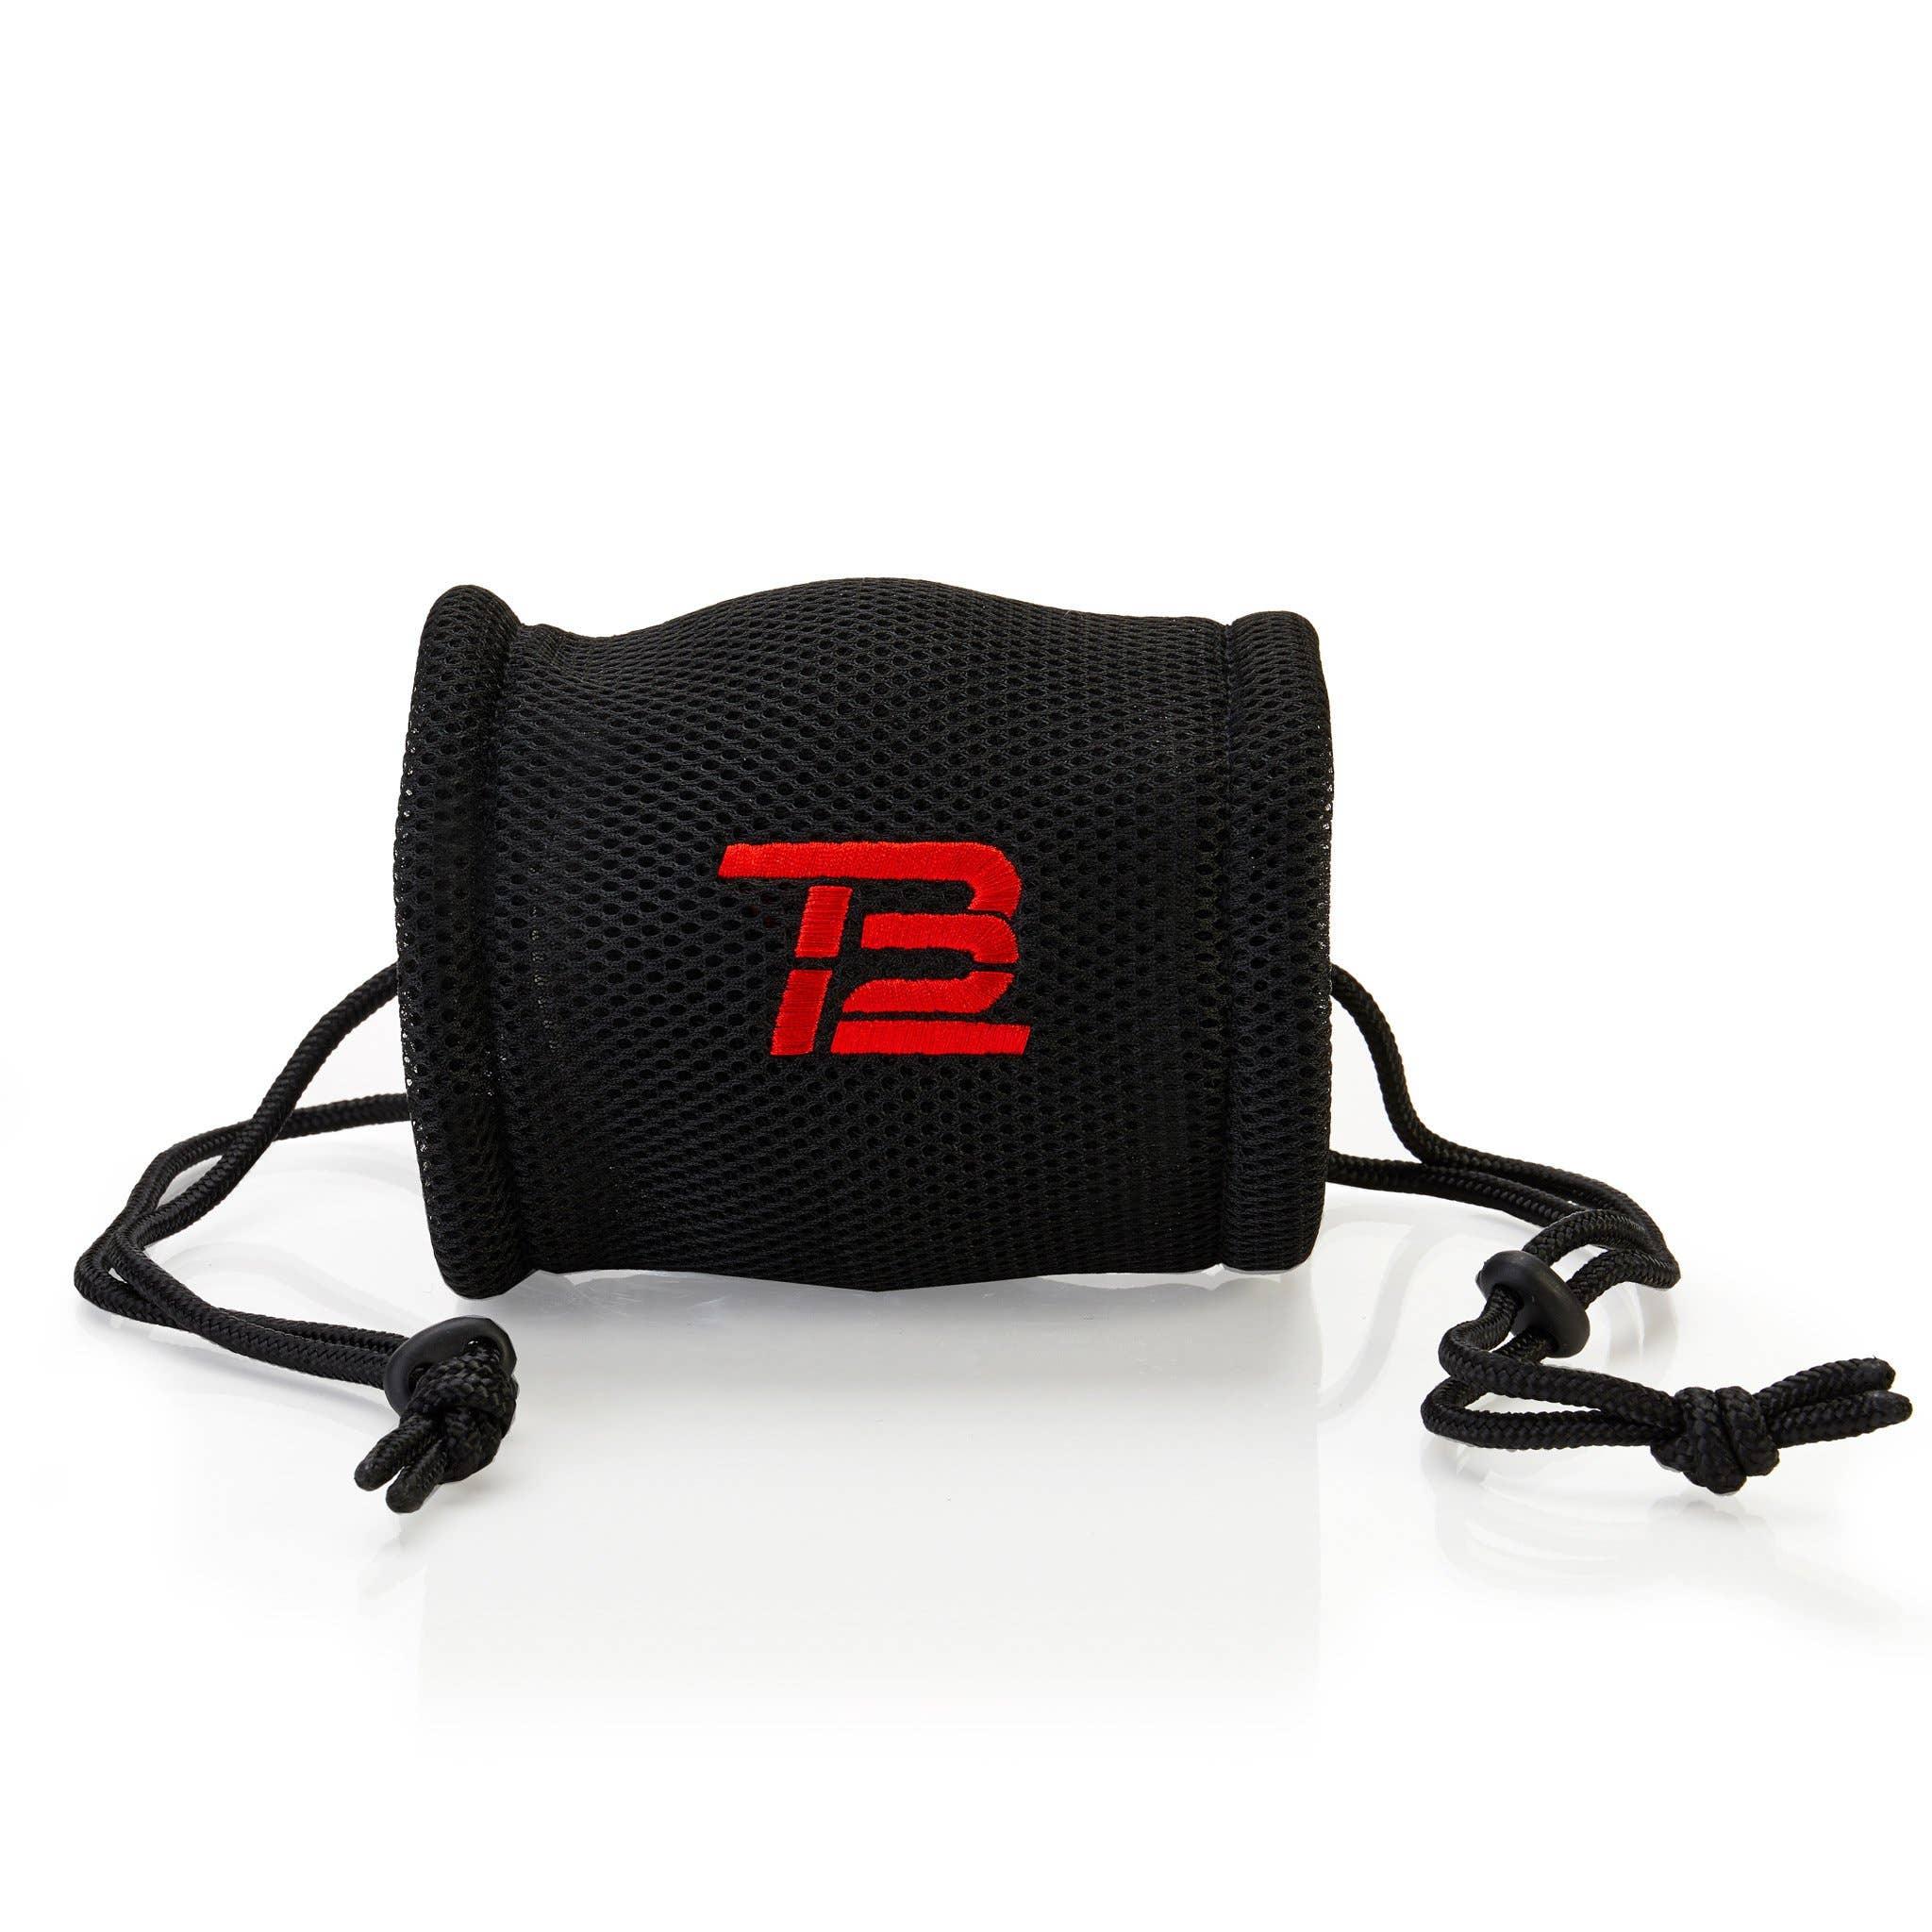 TB12™ Vibrating Pliability Sphere - Bag